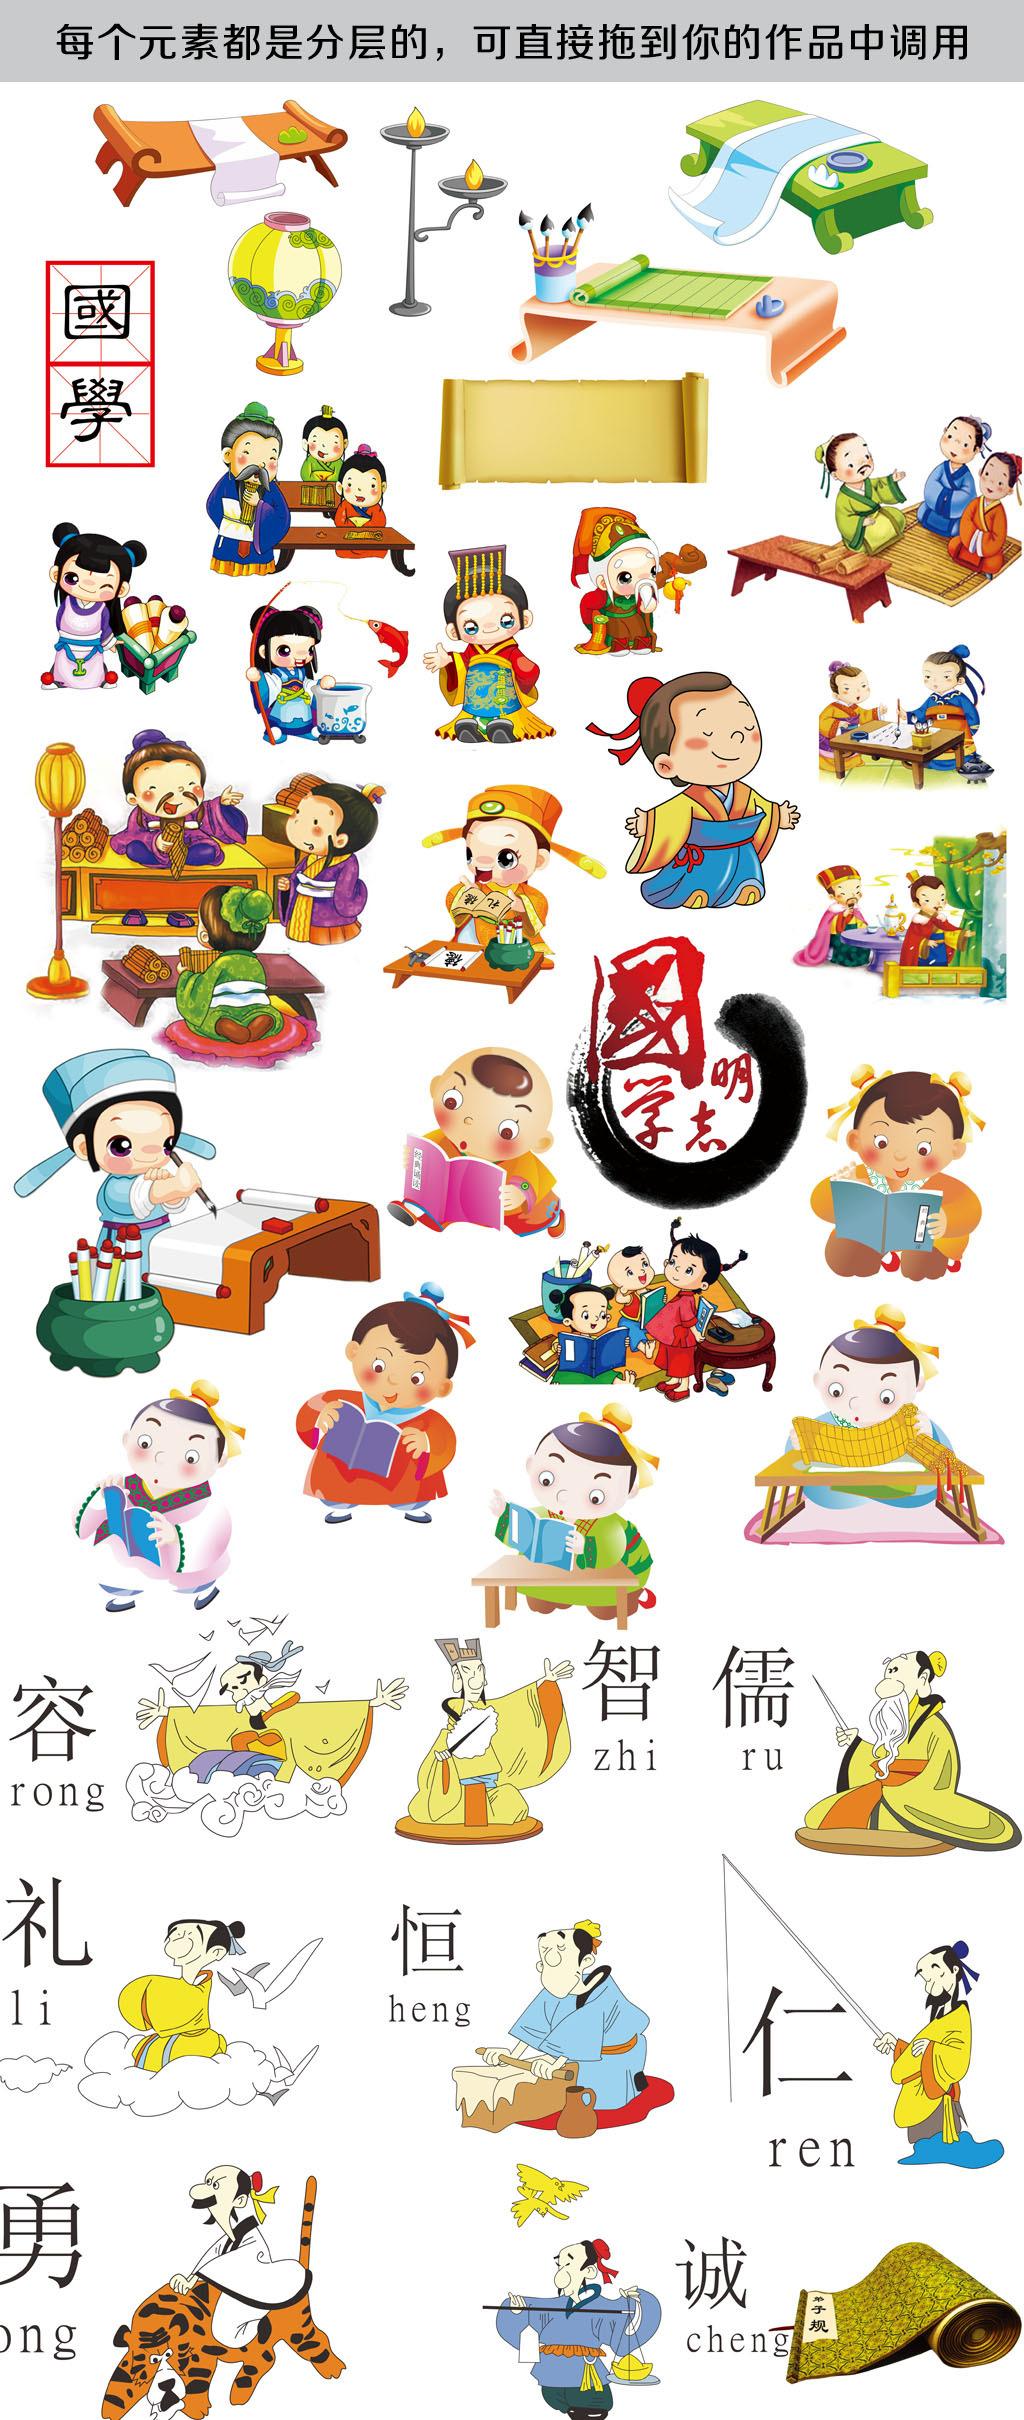 幼儿教育国学班古代卡通人物设计元素